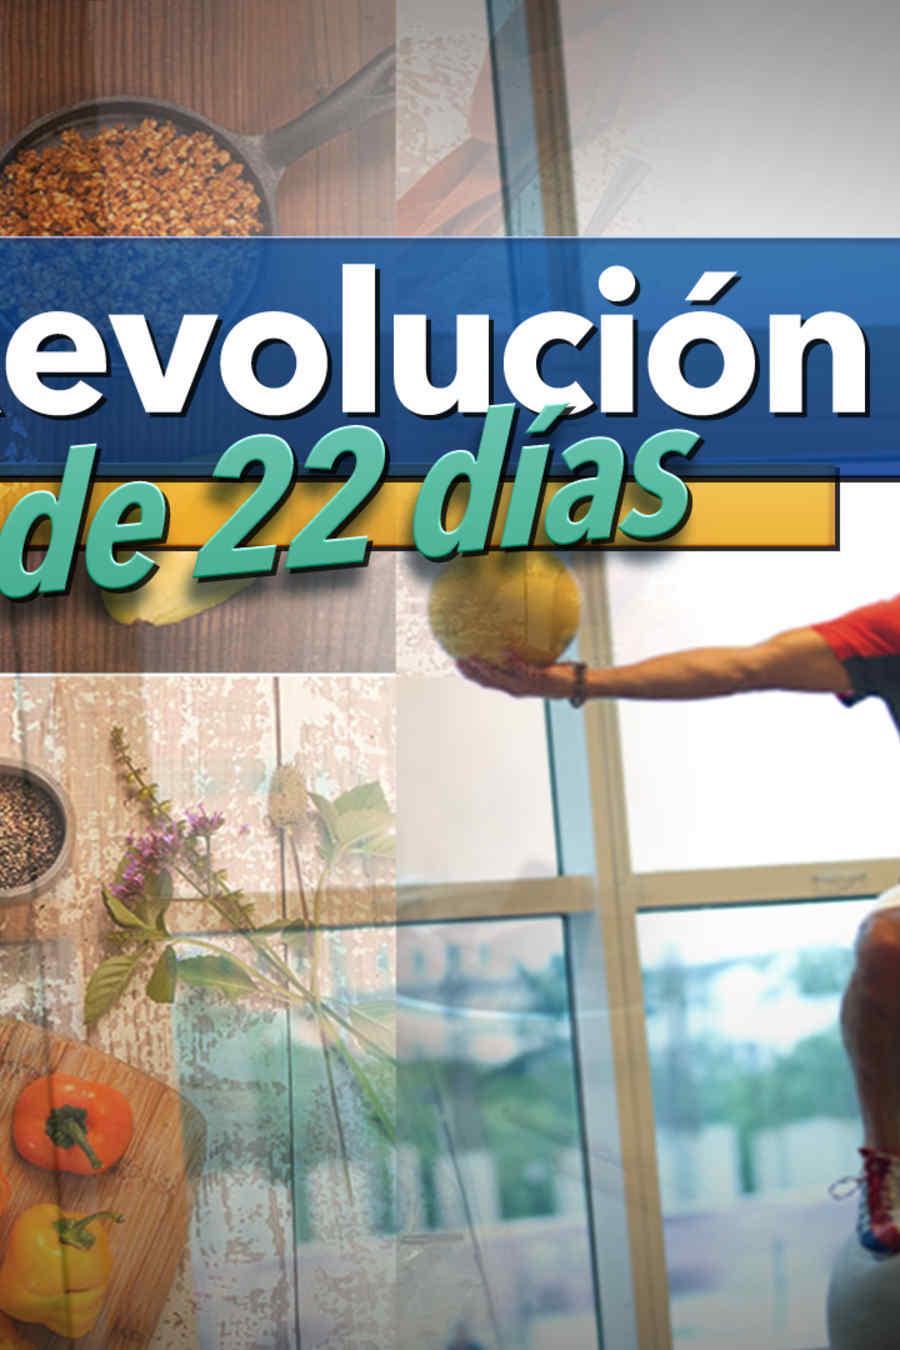 Revolución de 22 dias